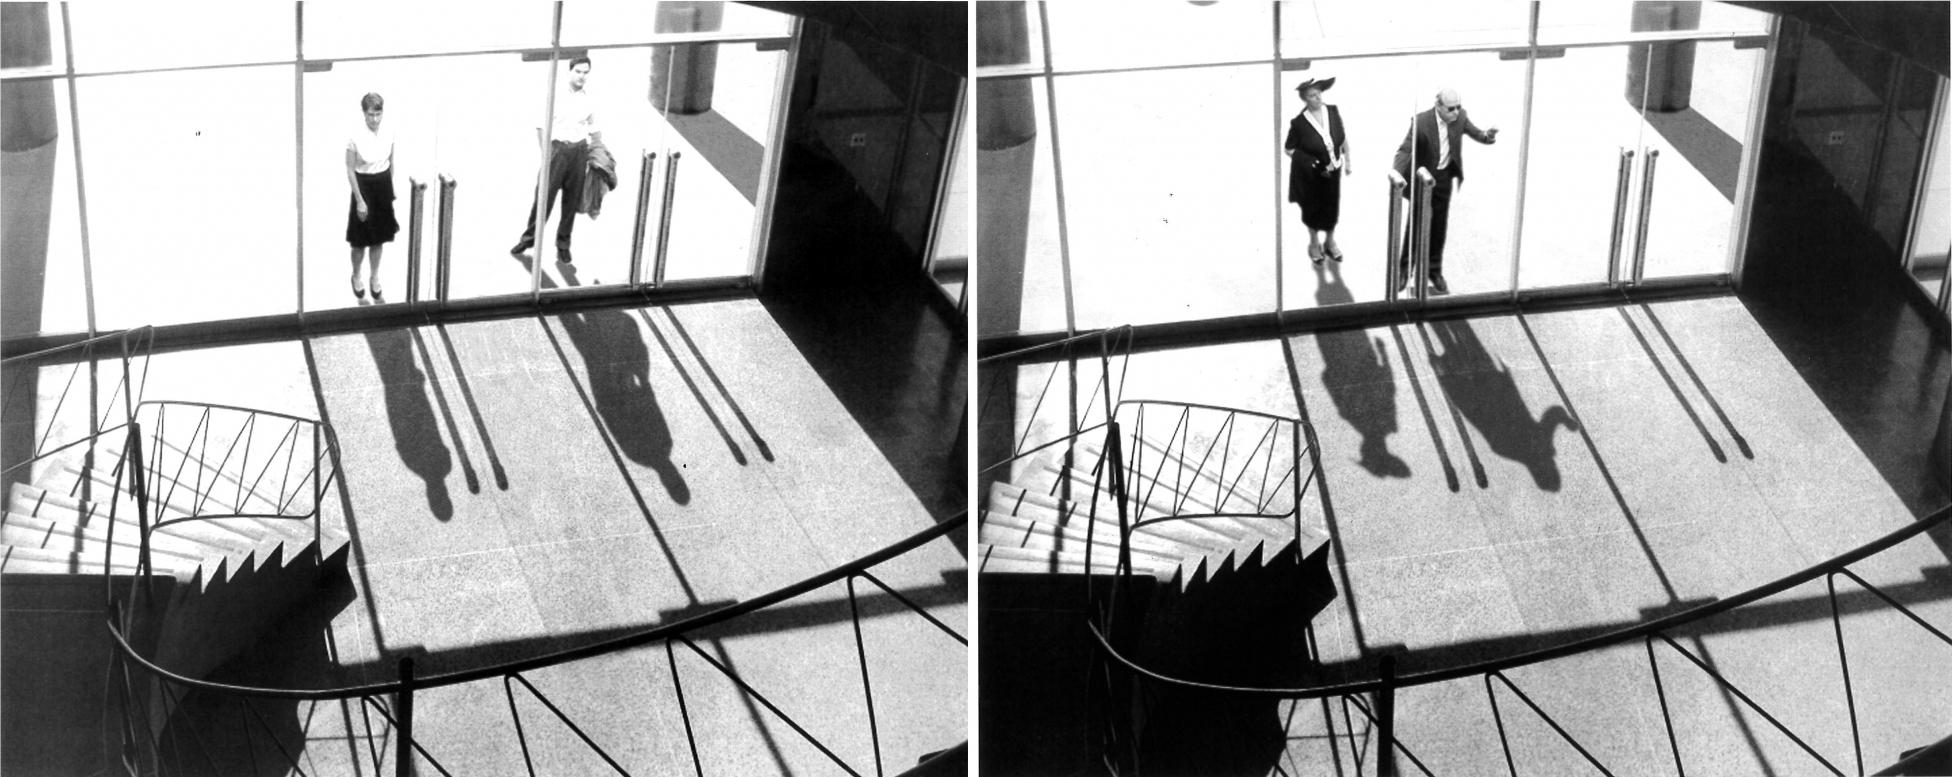 1_David-Claebout_Shadow-Piece_2005